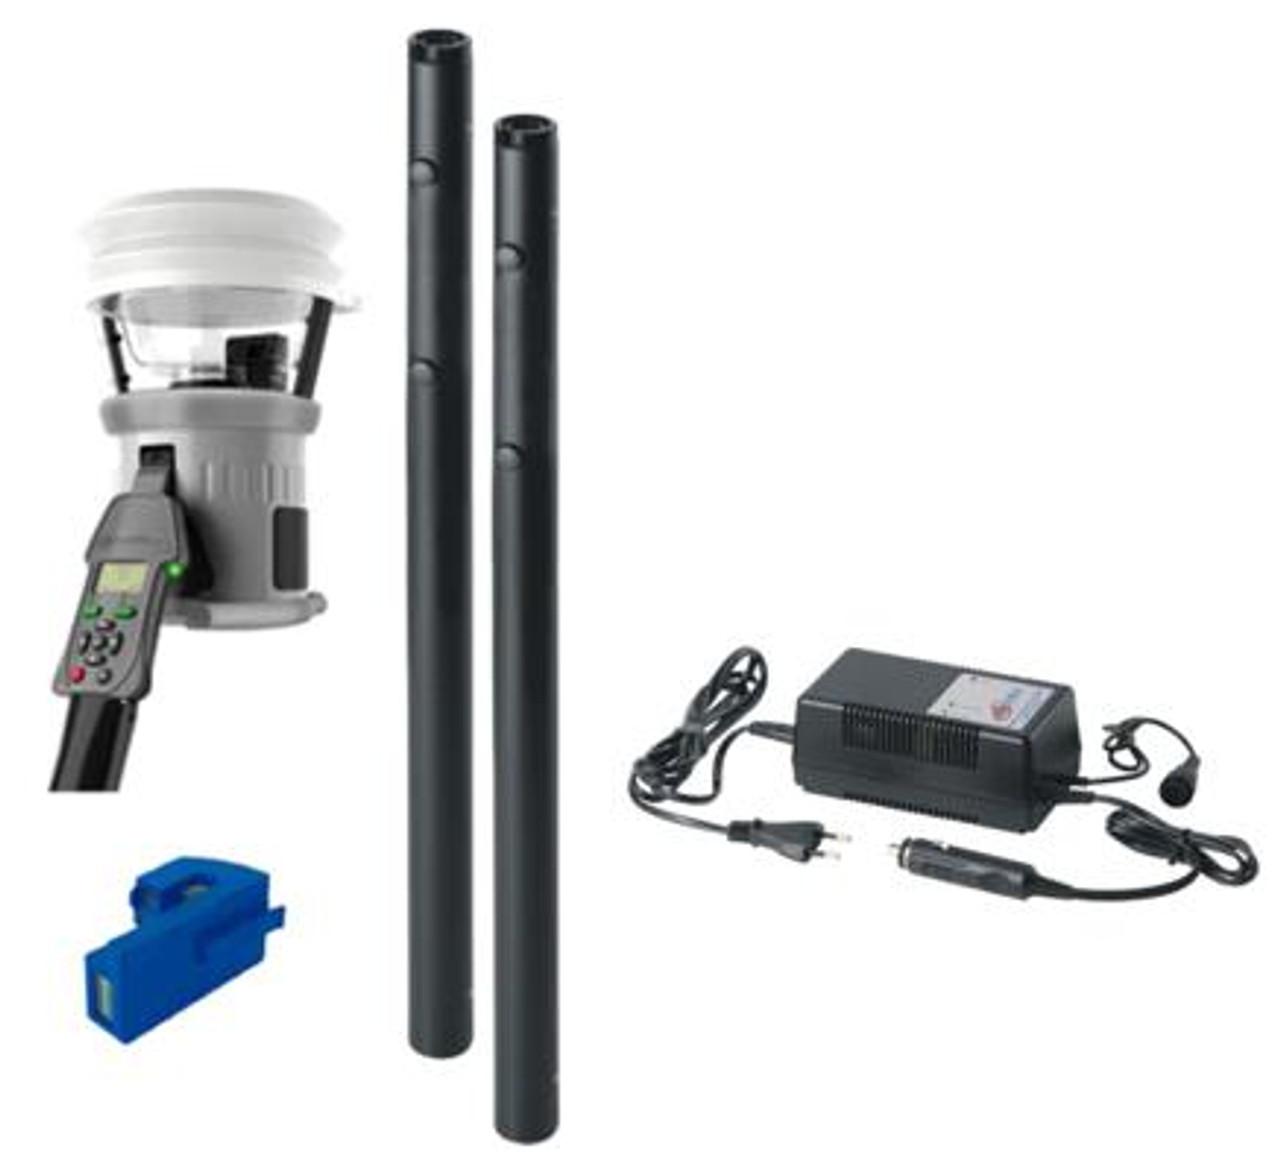 Siemens RE8ST, S54370-S23-A1, Testifire 1001-045 ST Testkit